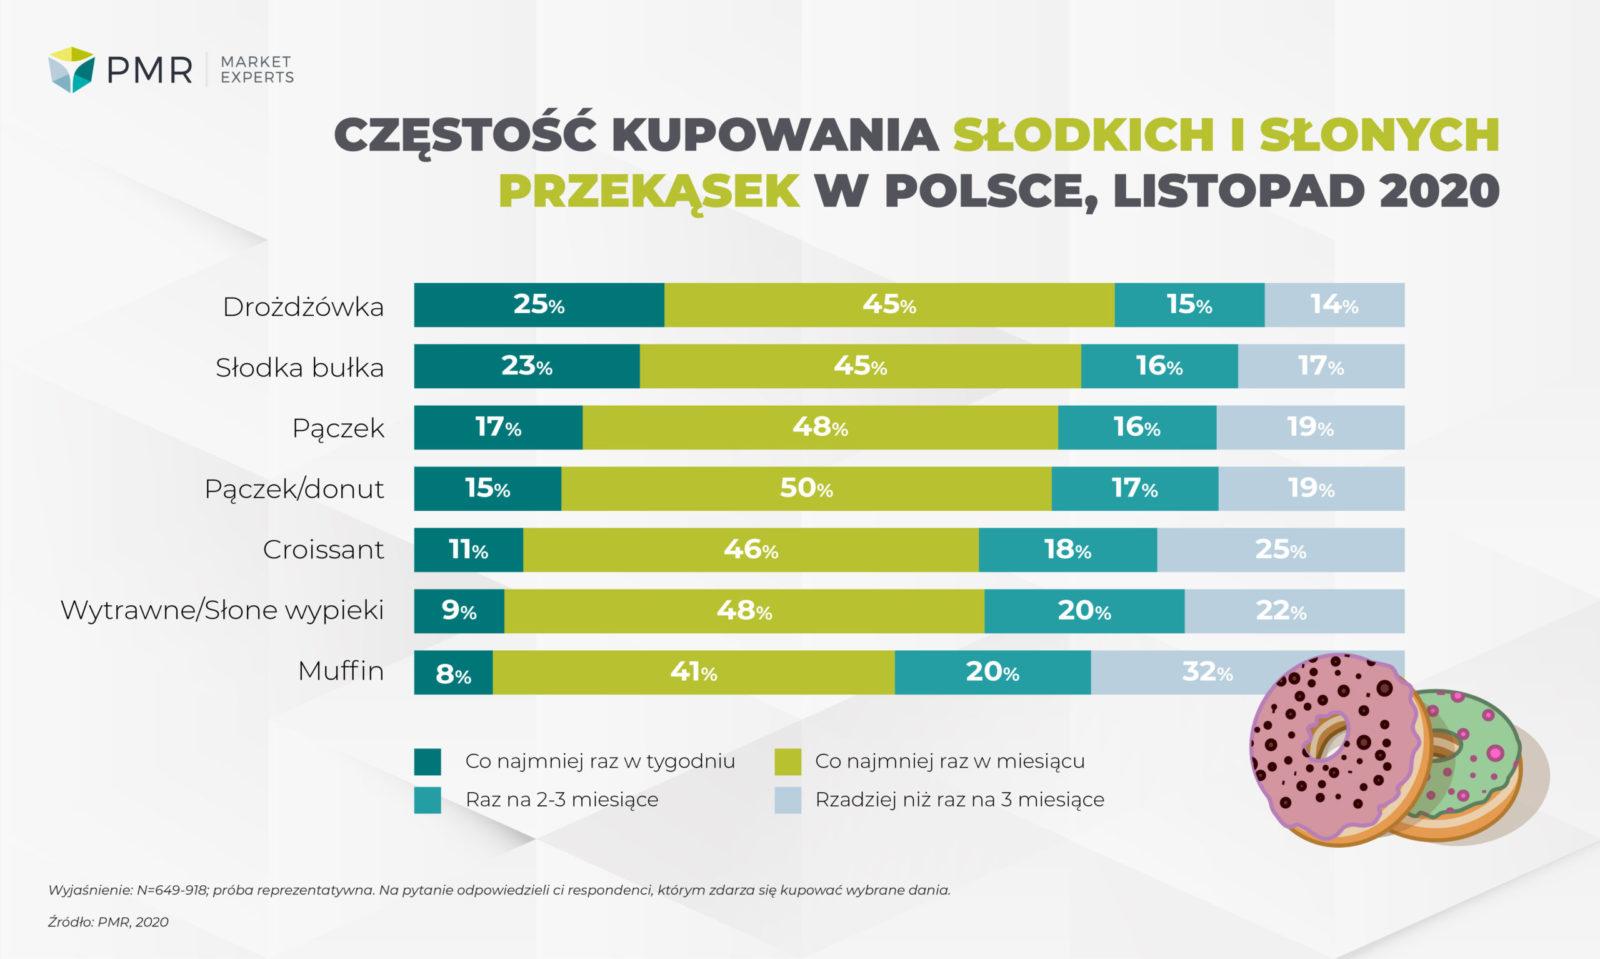 Zakupy słodkich i słonych wypieków w Polsce